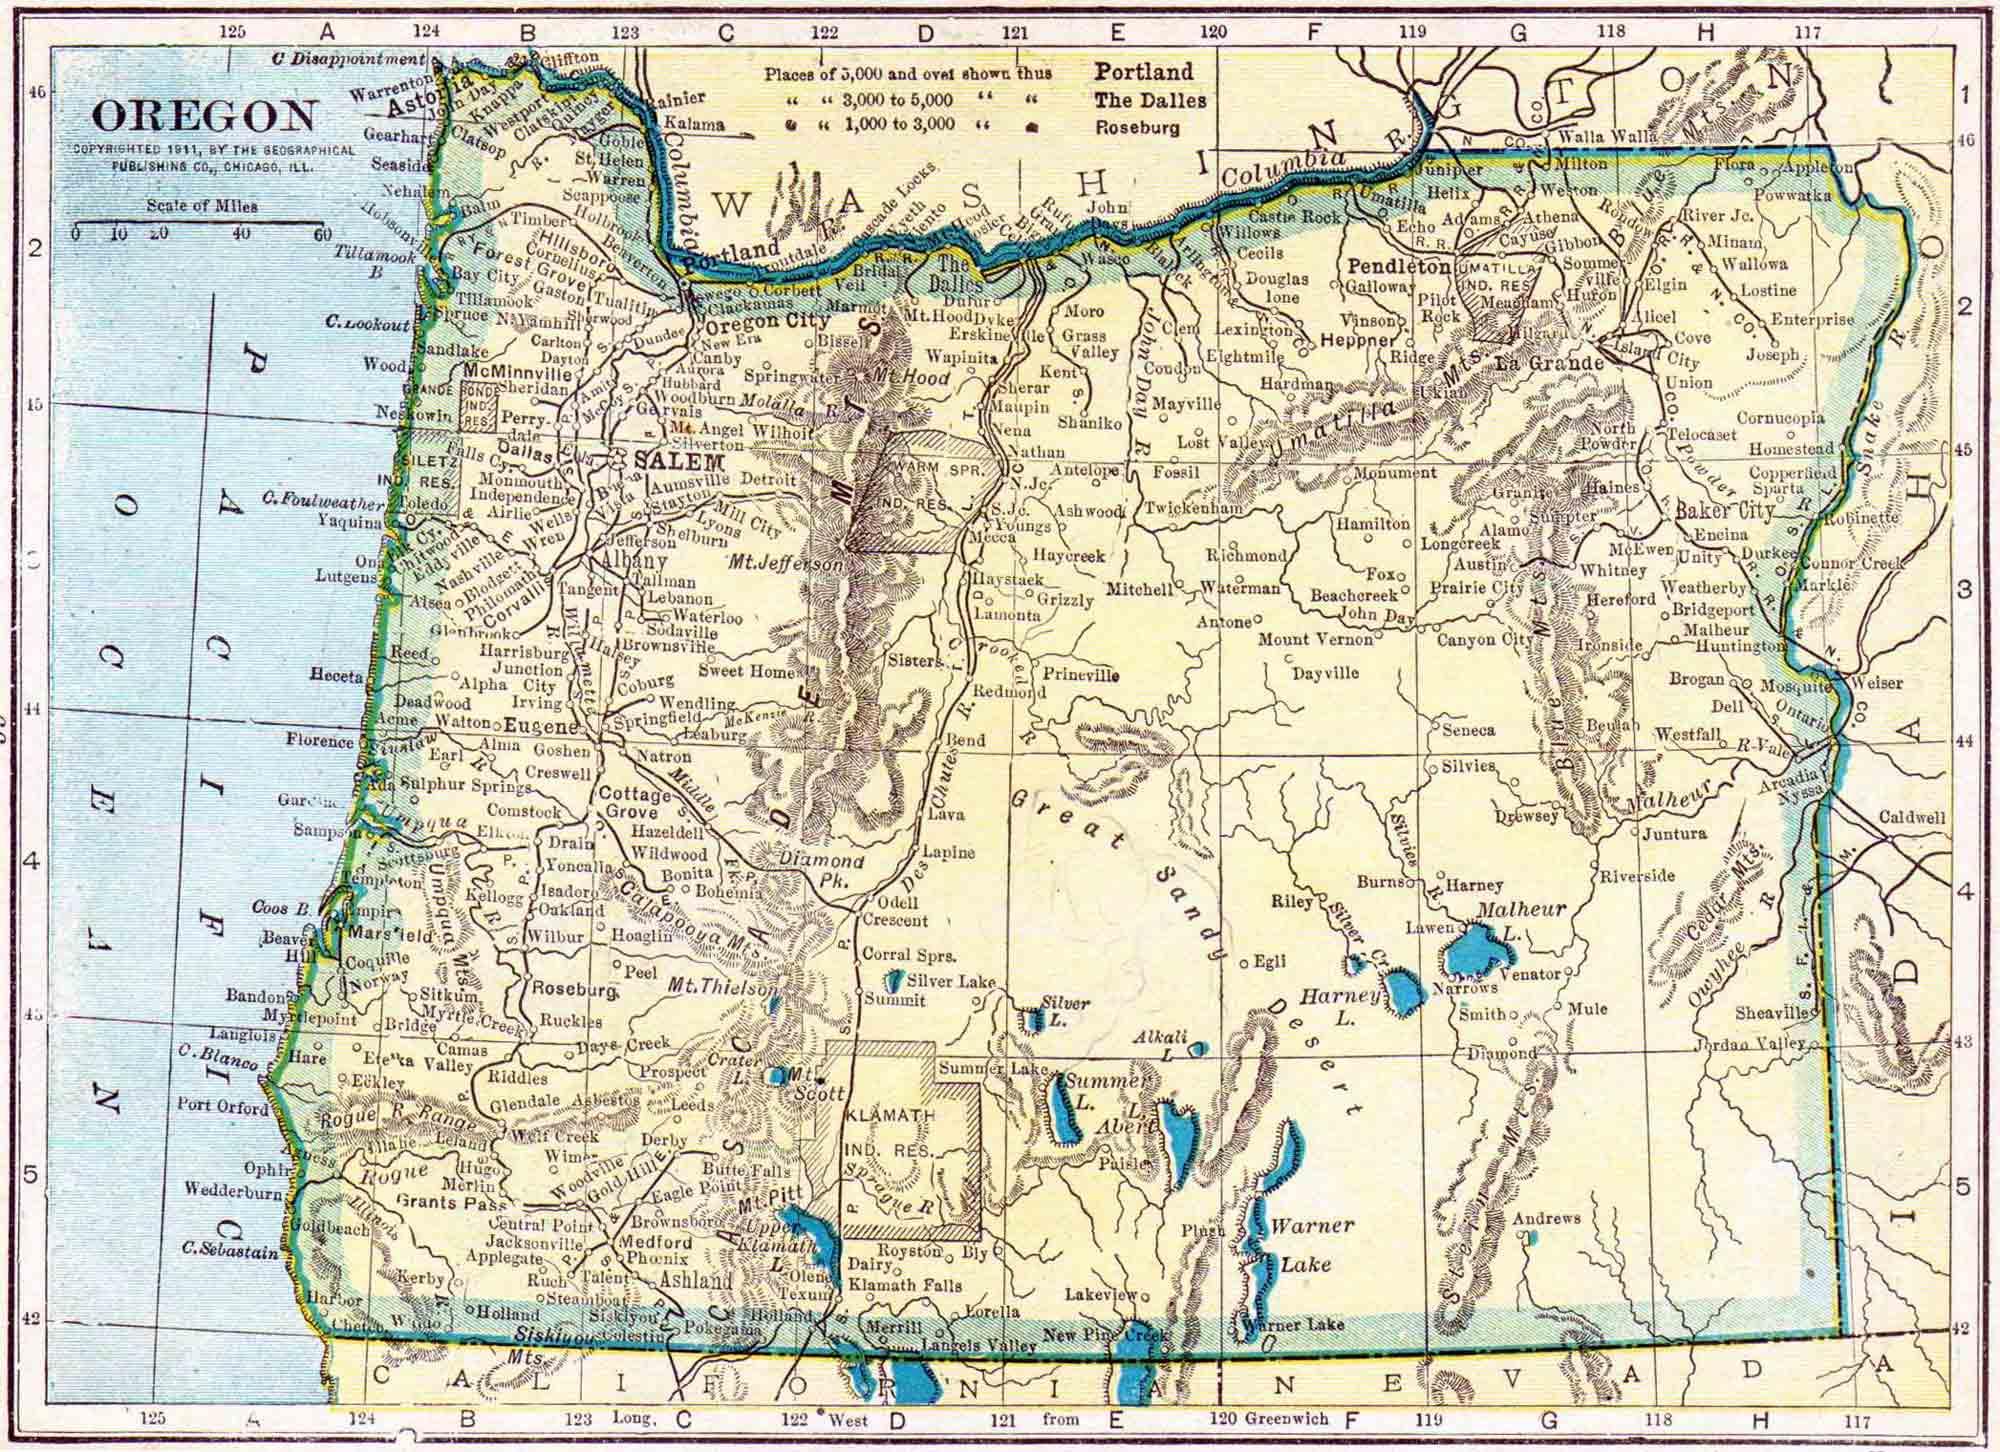 Oregon Genealogy - Free Oregon Genealogy - Access Genealogy